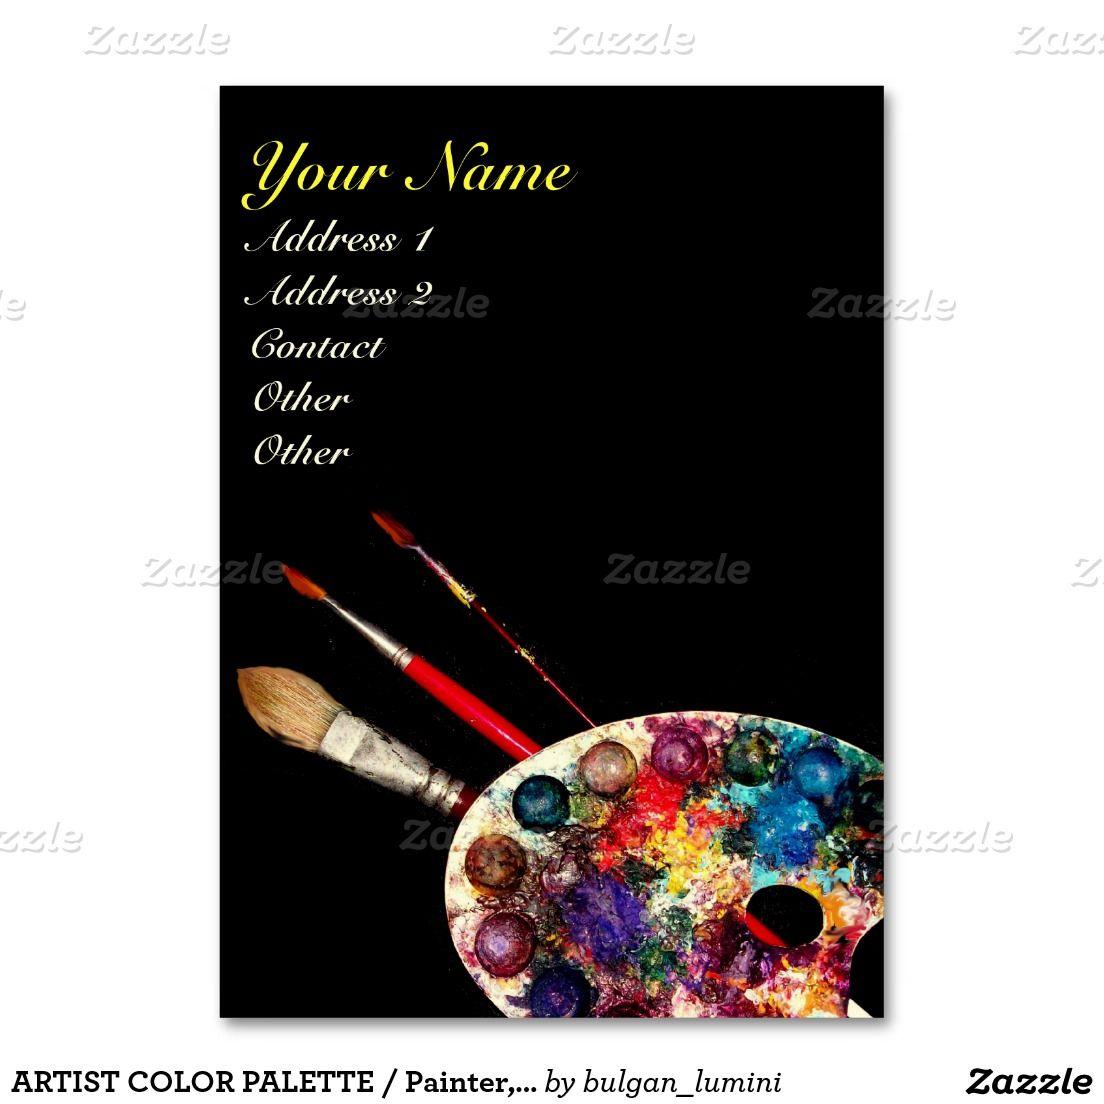 Artist Color Palette Painter Fine Art Materials Business Card Zazzle Com In 2021 Art Materials Color Palette Art